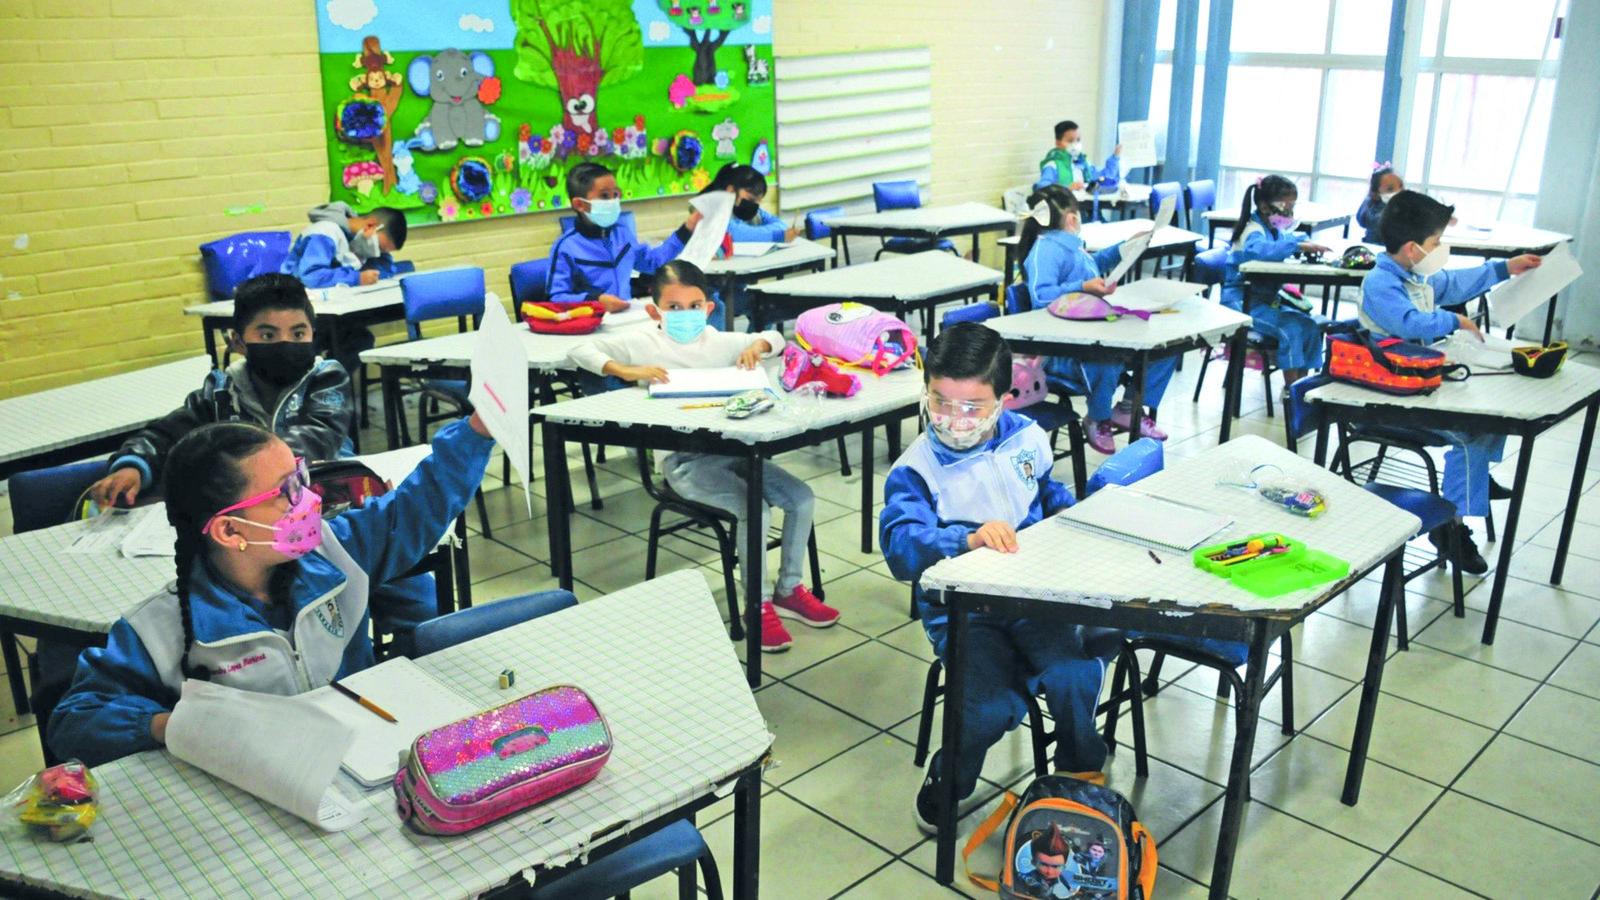 SSa: 10 mil menores se contagiaron en el regreso a clases presenciales